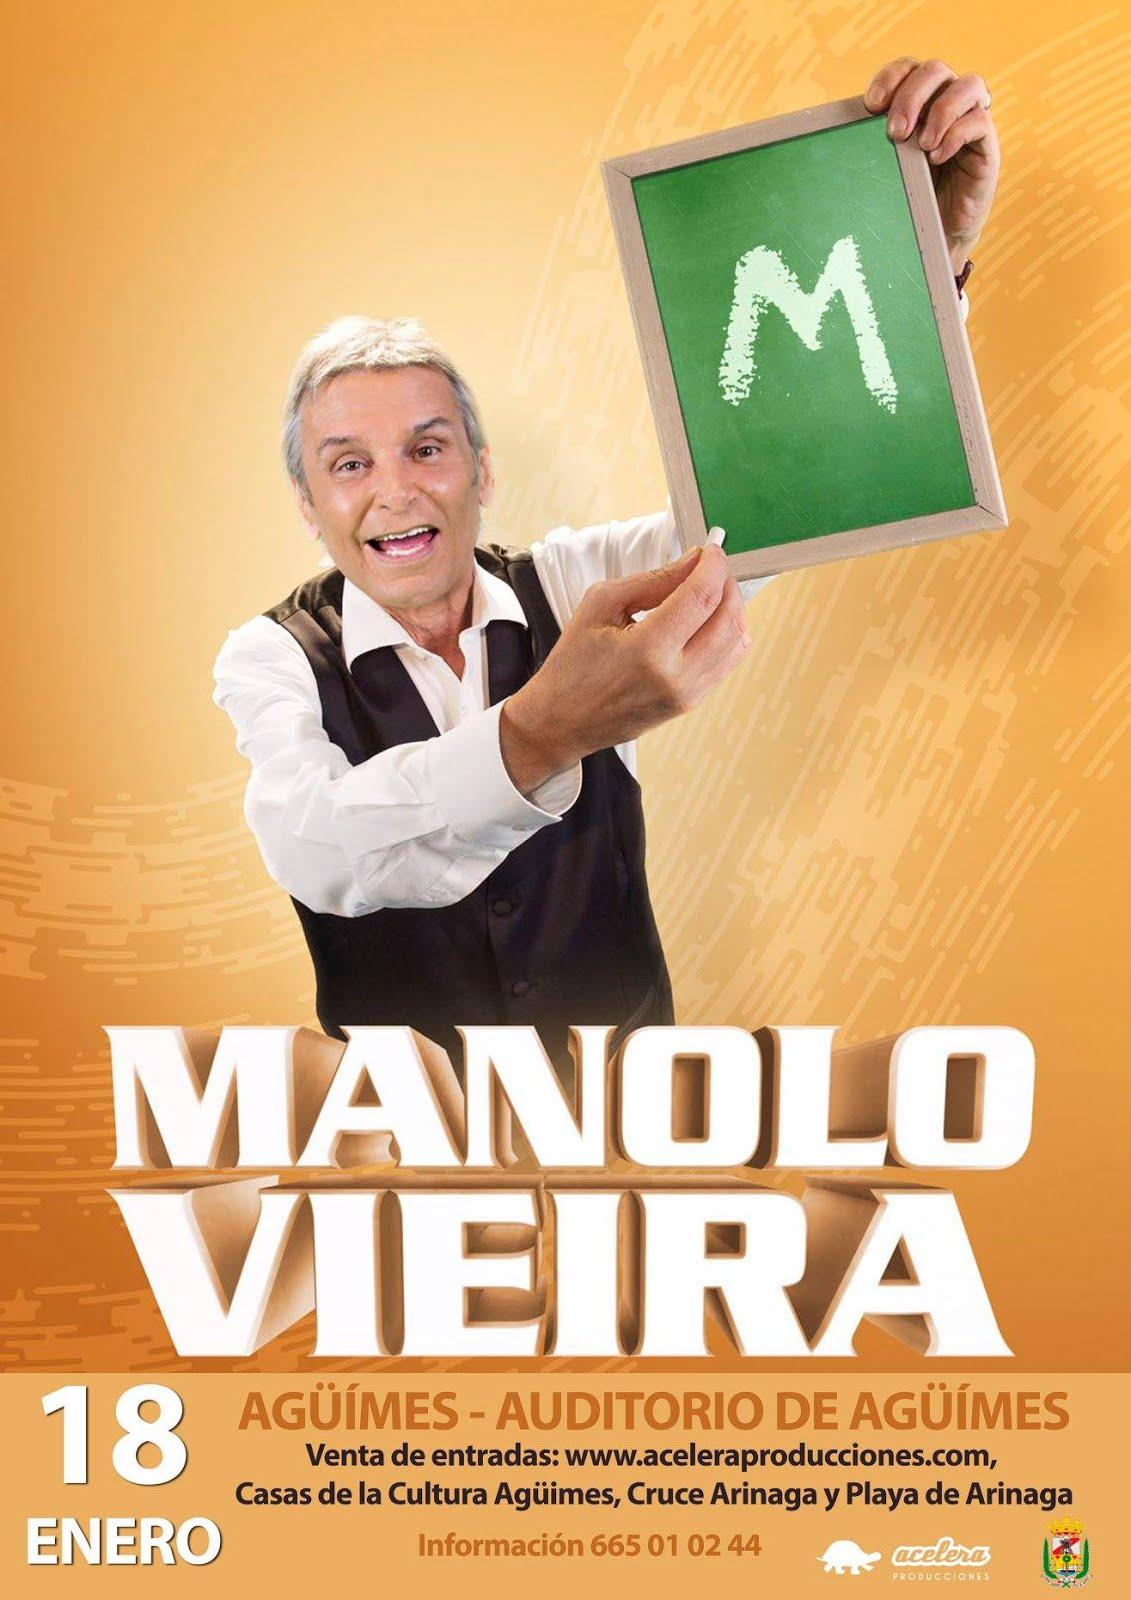 Manolo Vieira en Agüimes